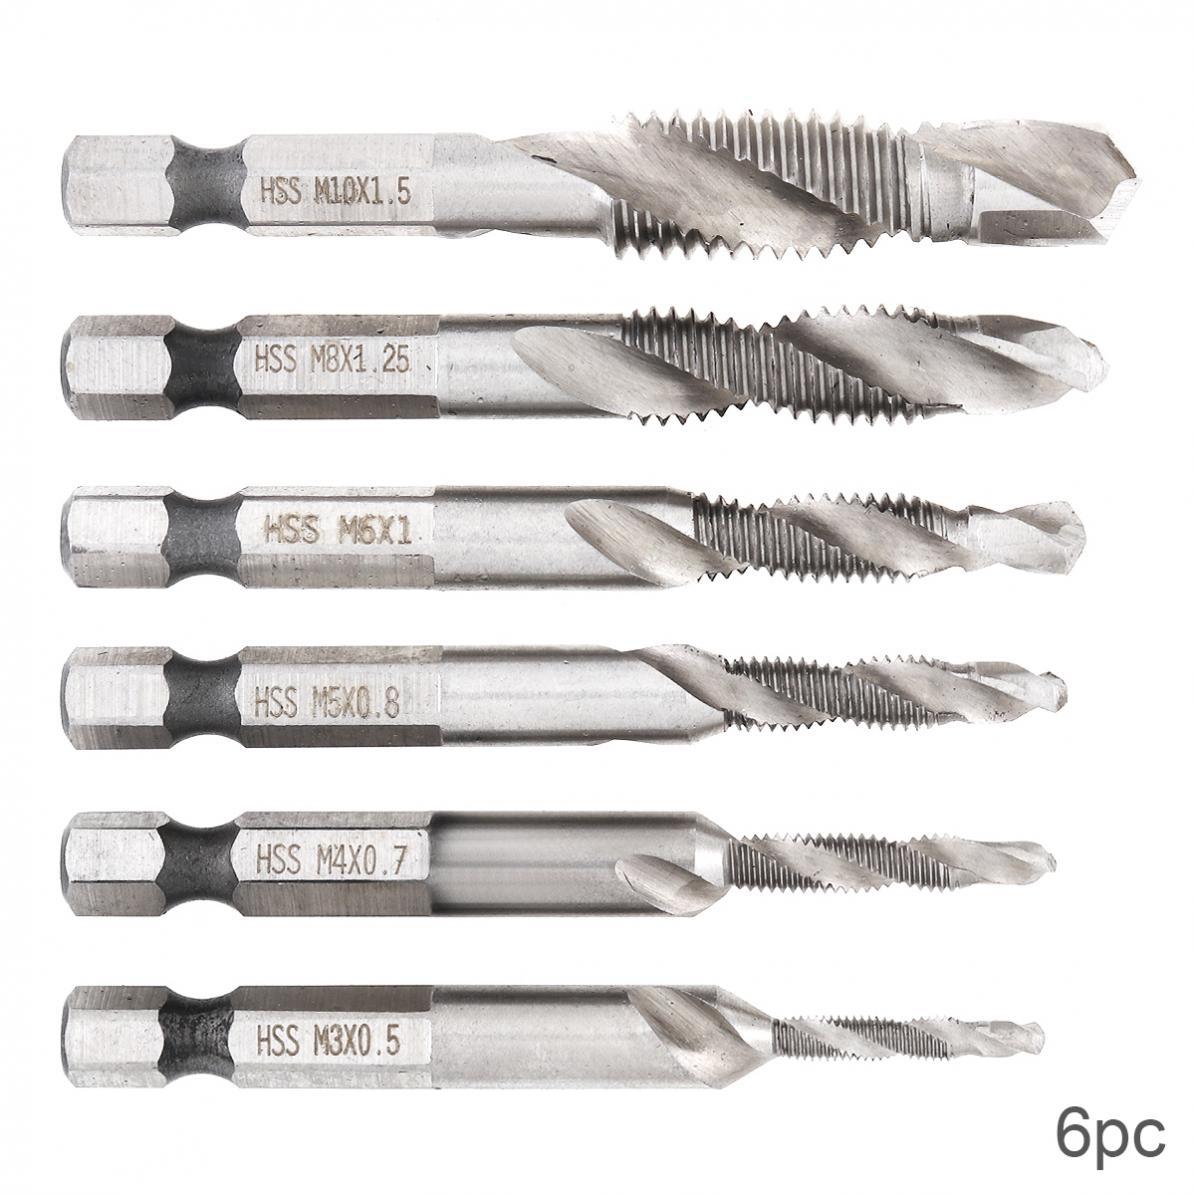 6pcs/lot Hex Shank HSS Screw Screw Point  Metric Thread Male Drill